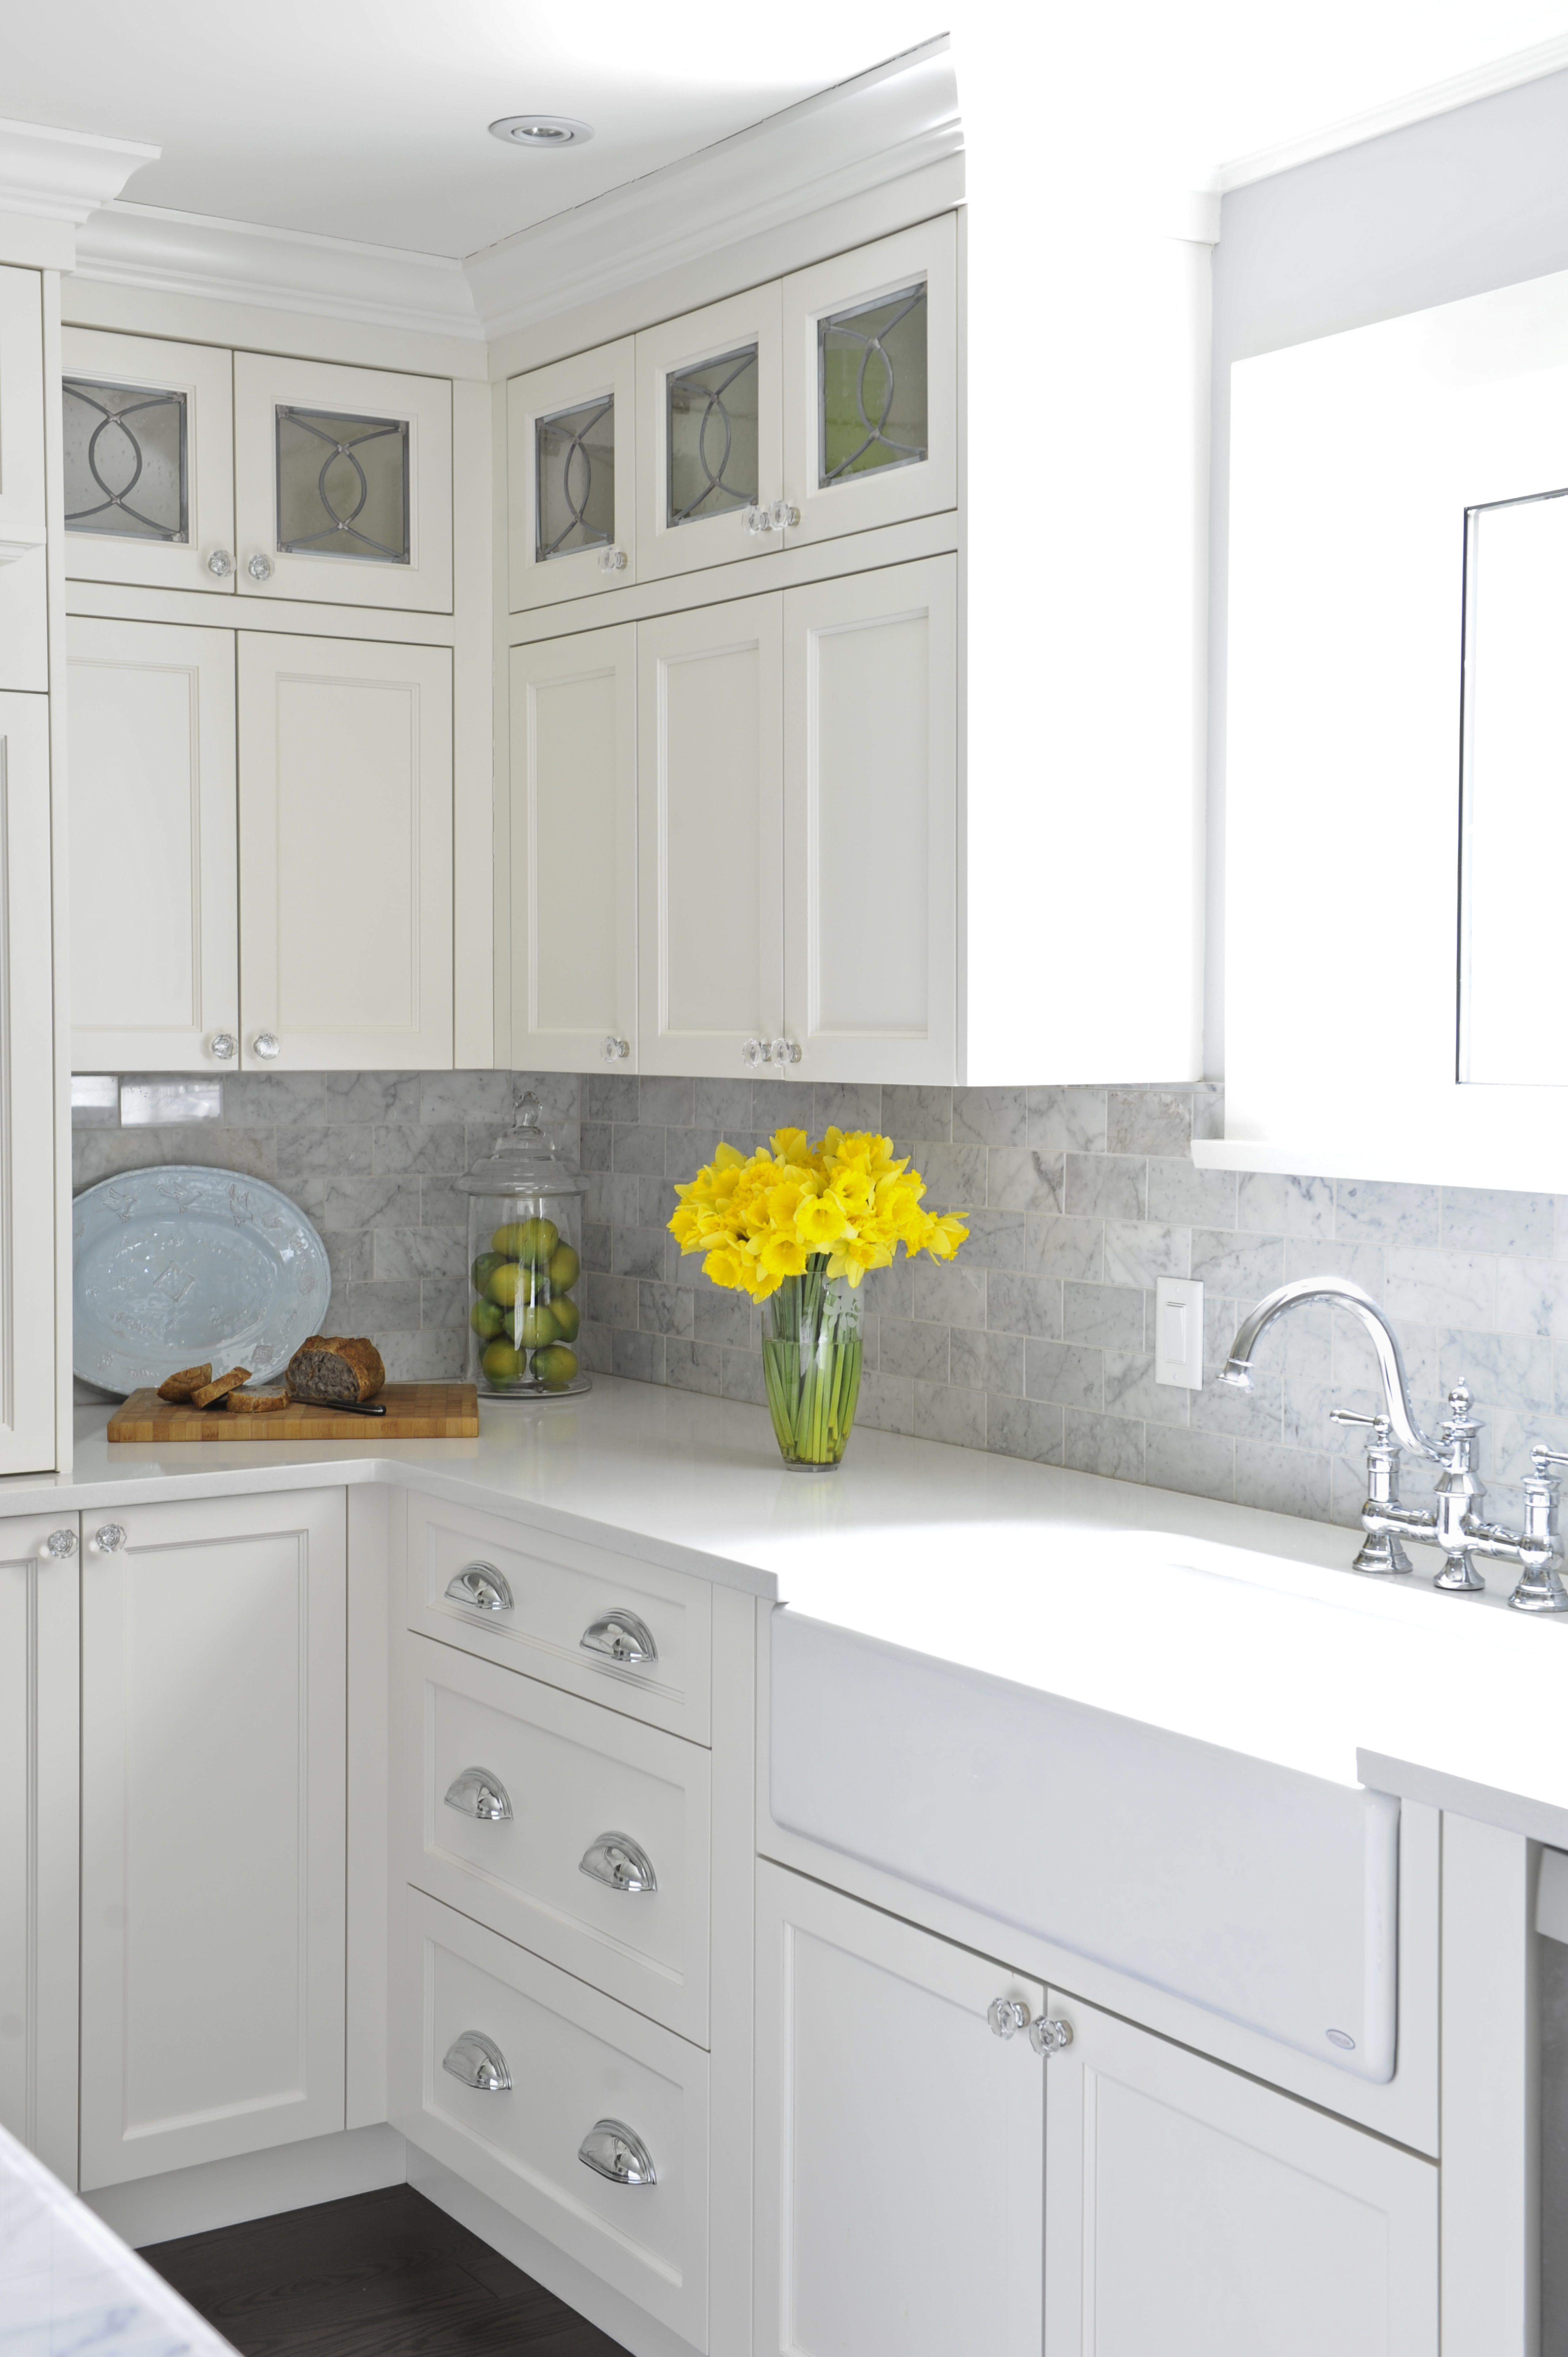 window design contemporary kitchen kitchen interior design portfolios on kitchen interior with window id=59117